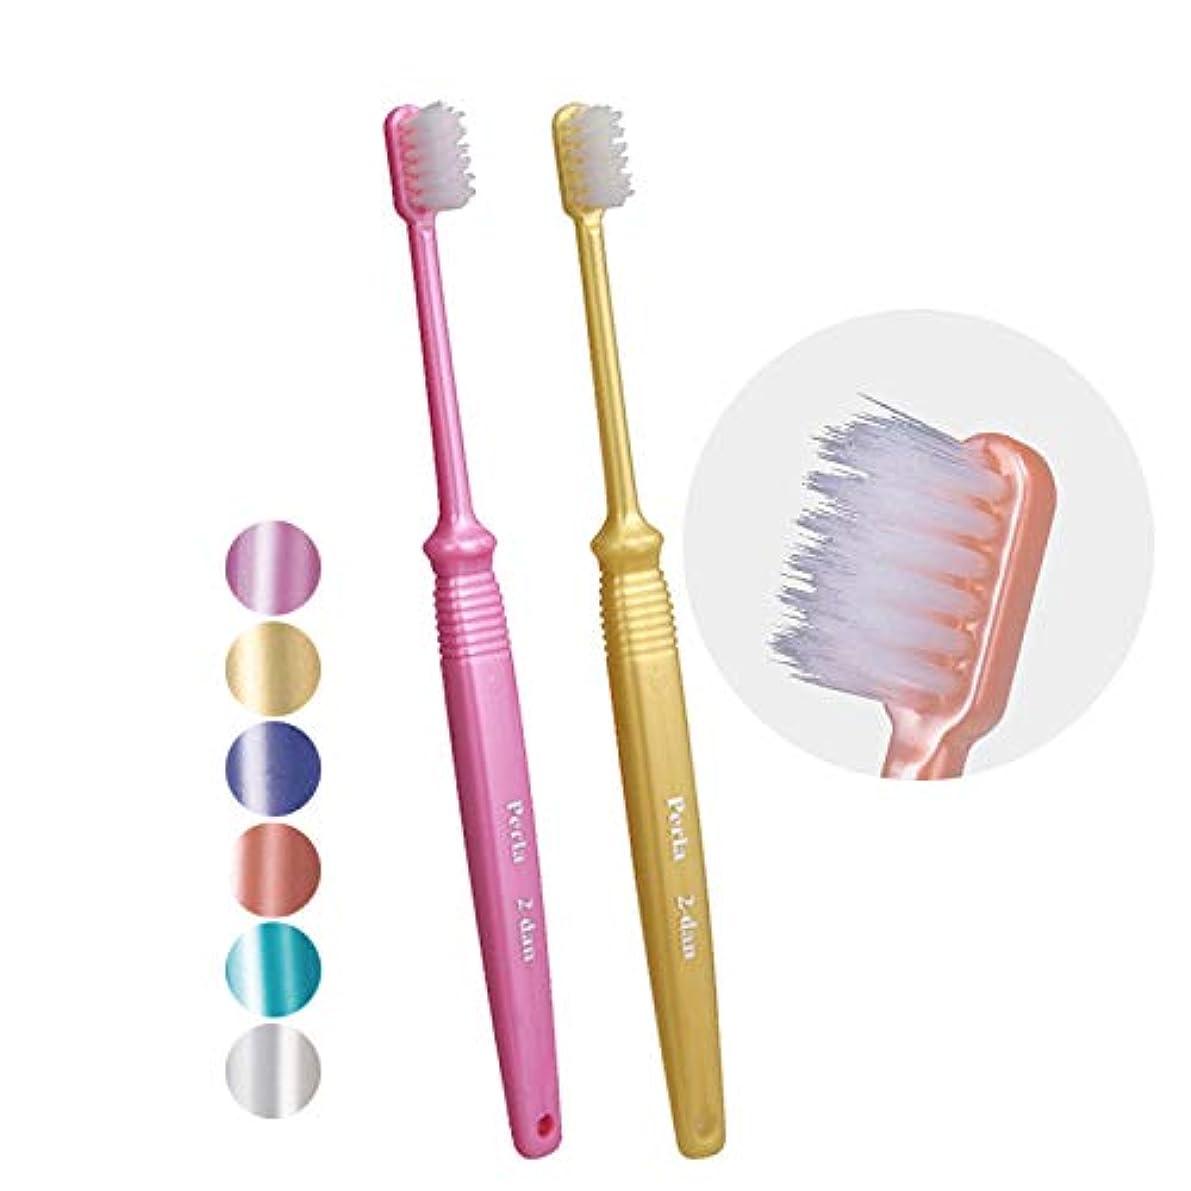 ヨーグルト立法変更可能P.D.R.(ピーディーアール) ペルラ 歯ブラシ 二段植毛 × 1本 M(ふつう)